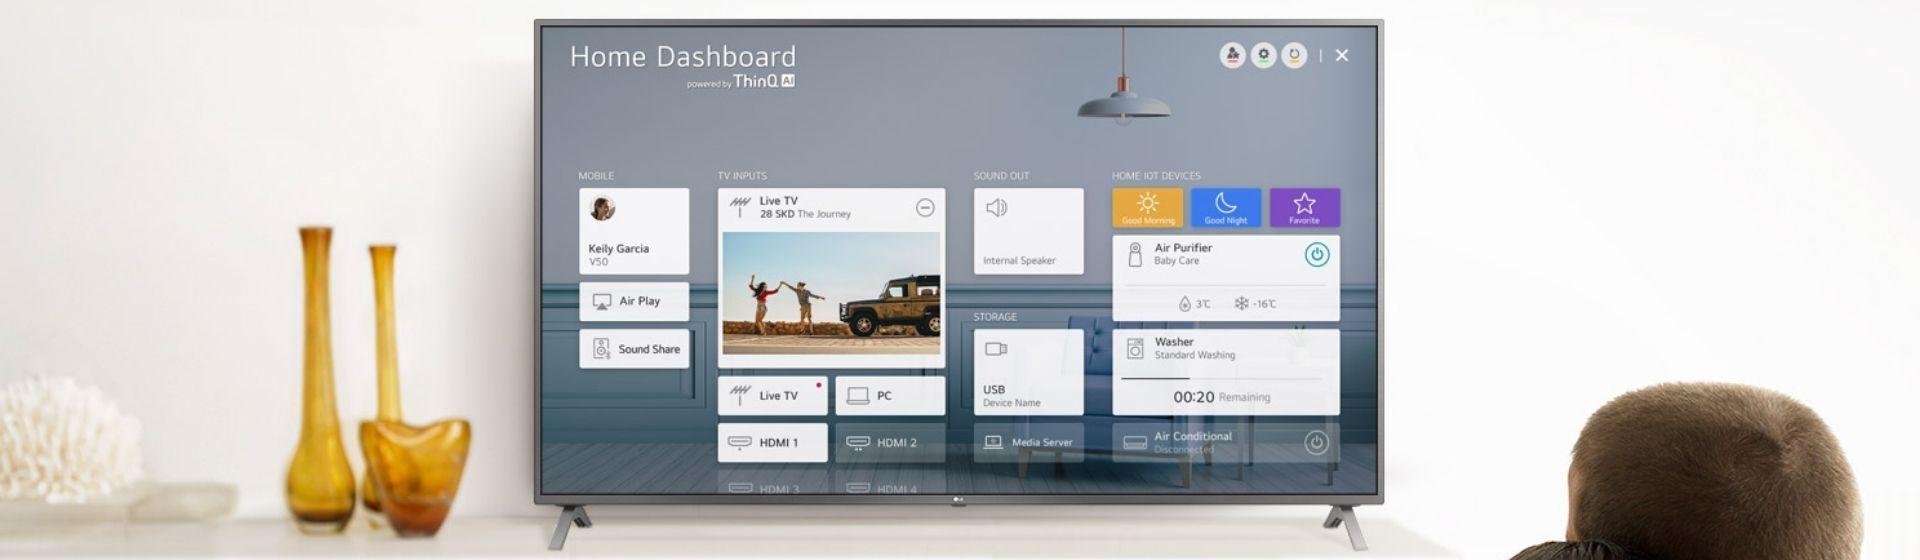 LG UN7310: confira a análise completa dessa smart TV 4K